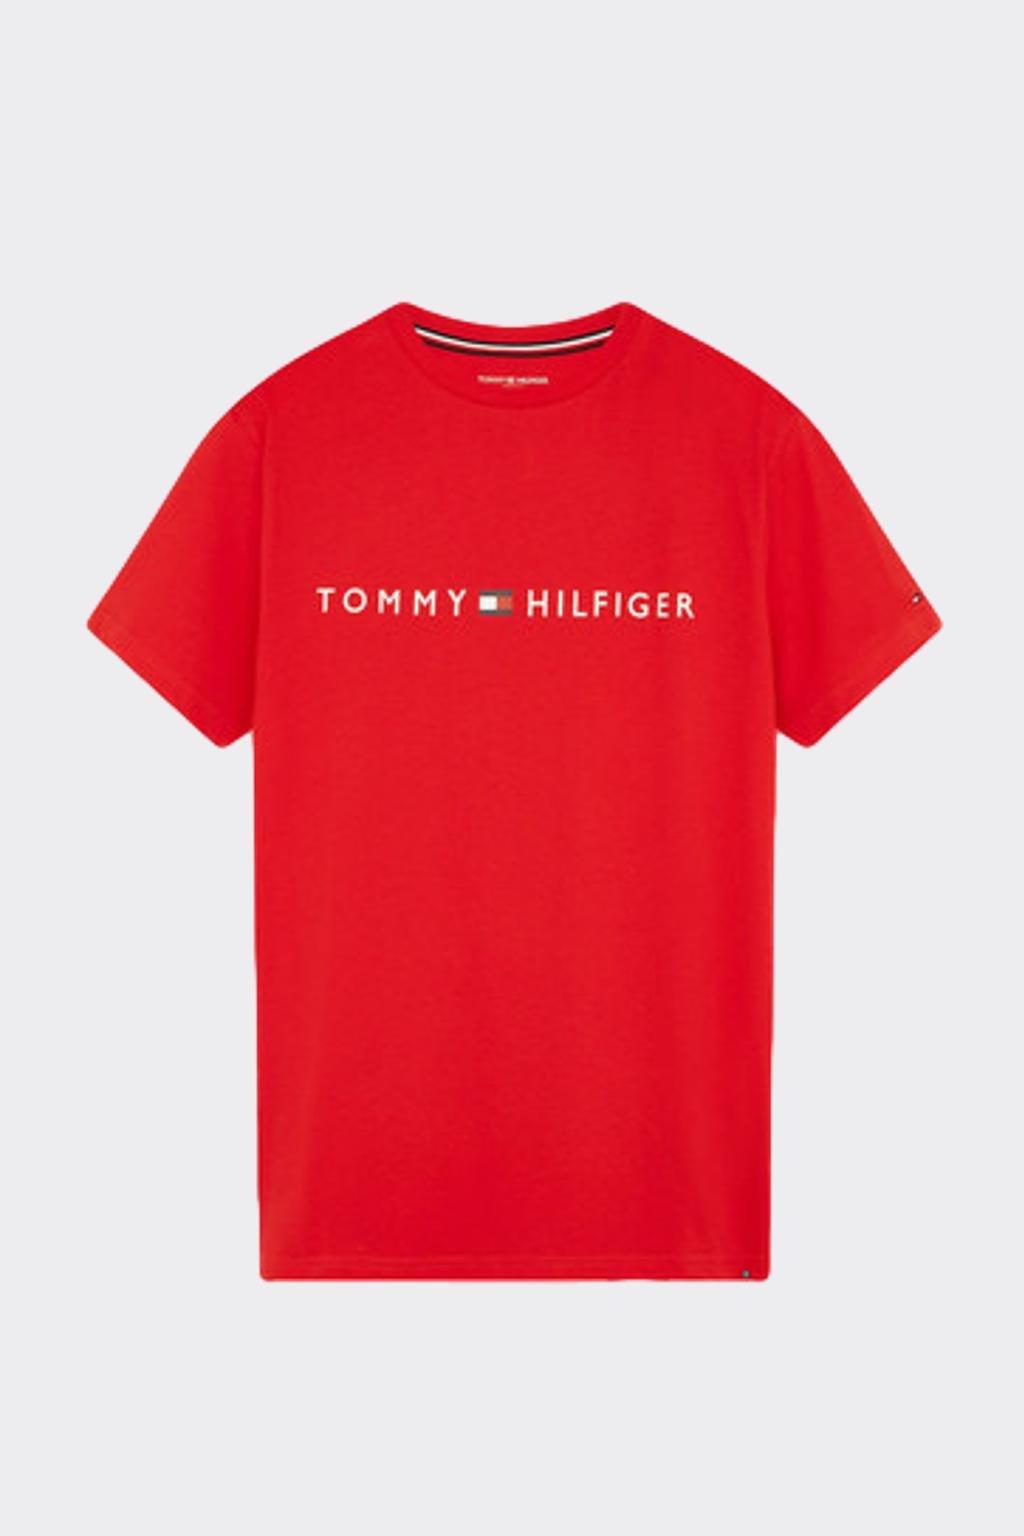 Tommy Hilfiger Original tričko pánské - červené